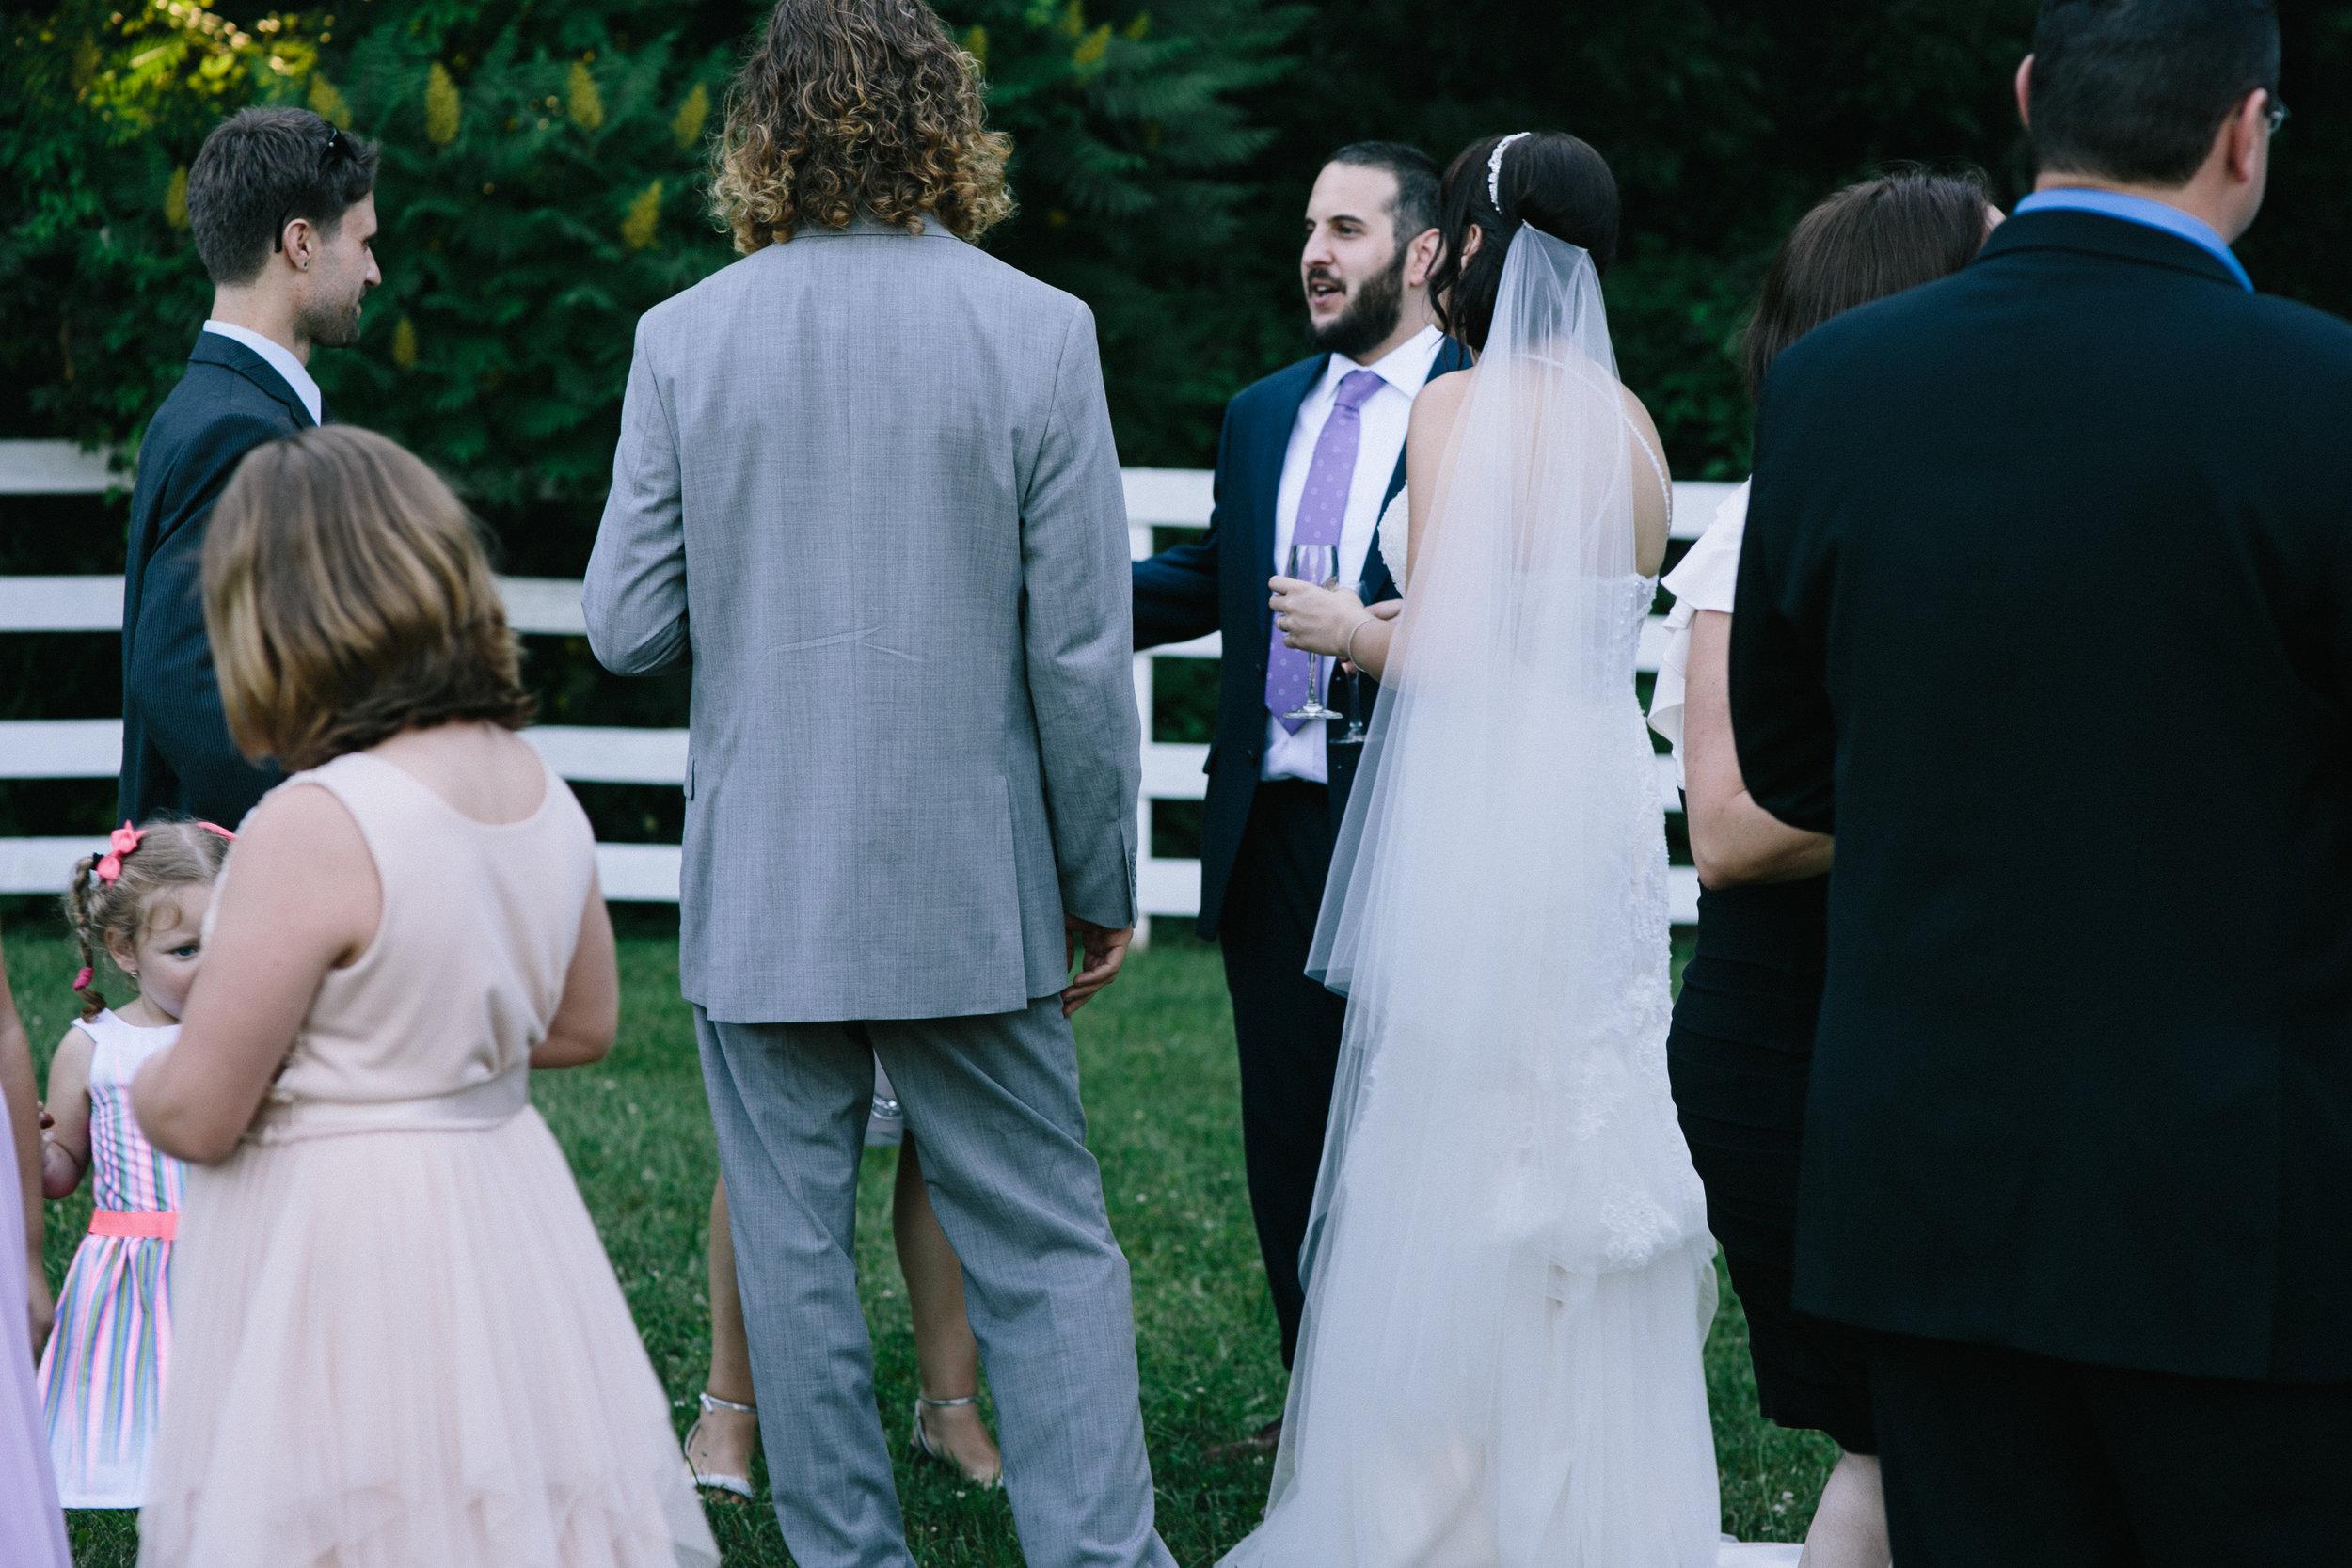 682_Jared_Kristen_wedding.jpg